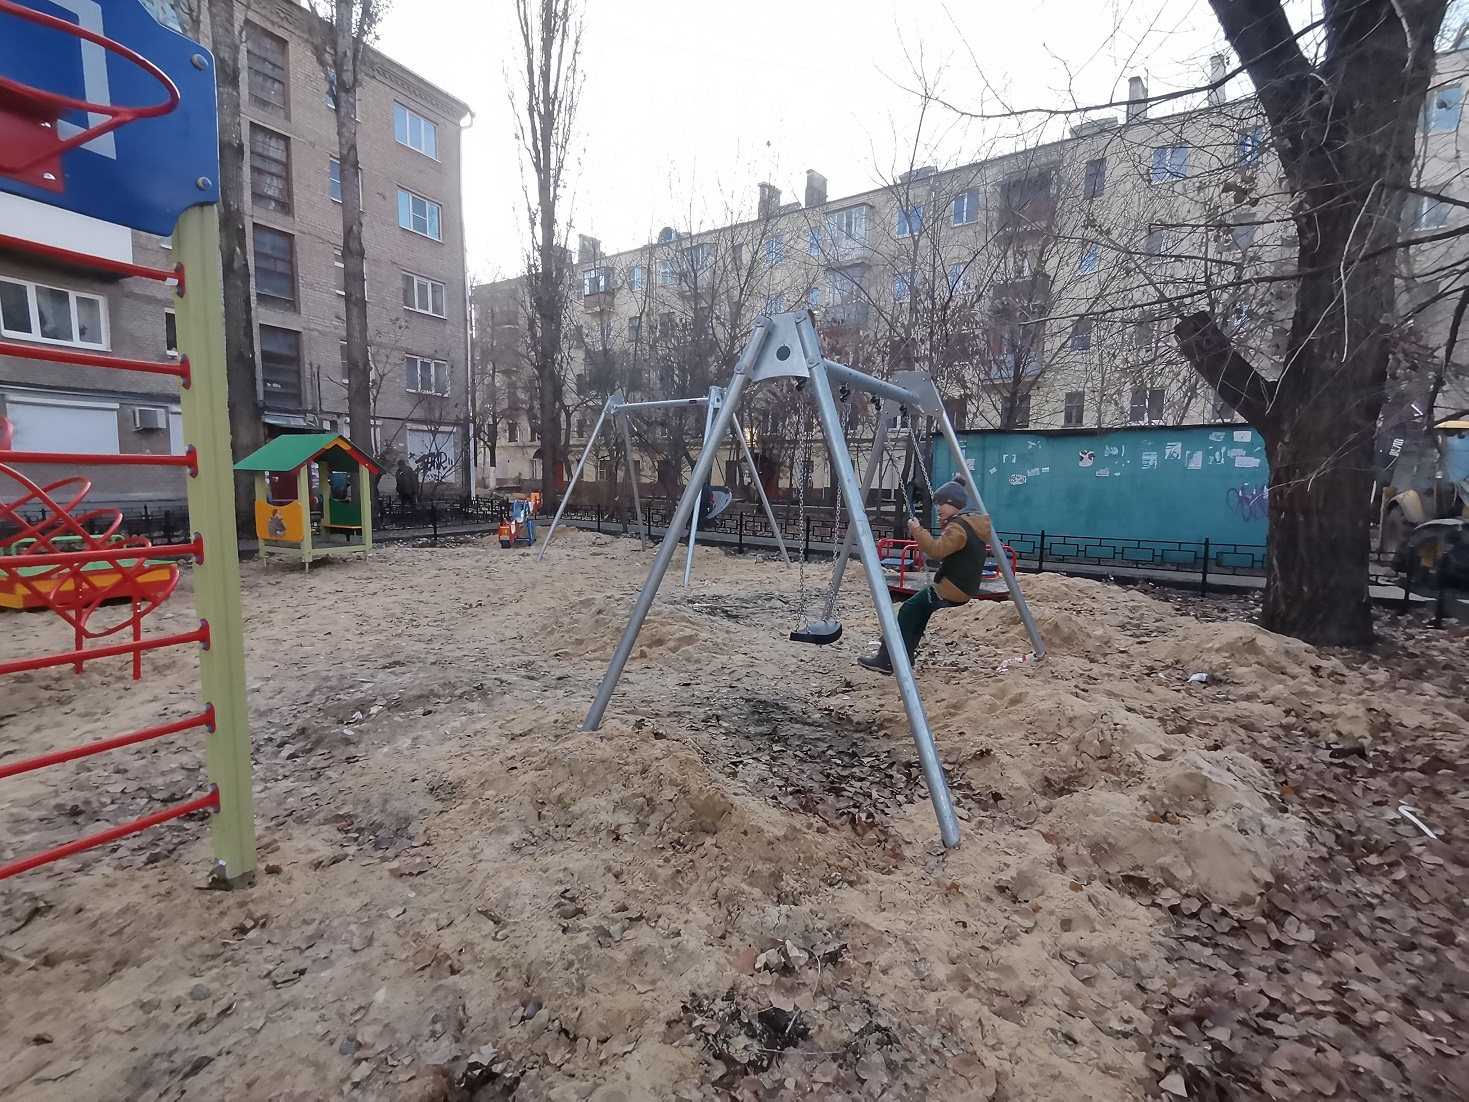 Активисты ОНФ показали на фото, что стало со двором многоэтажки после визита дорожников